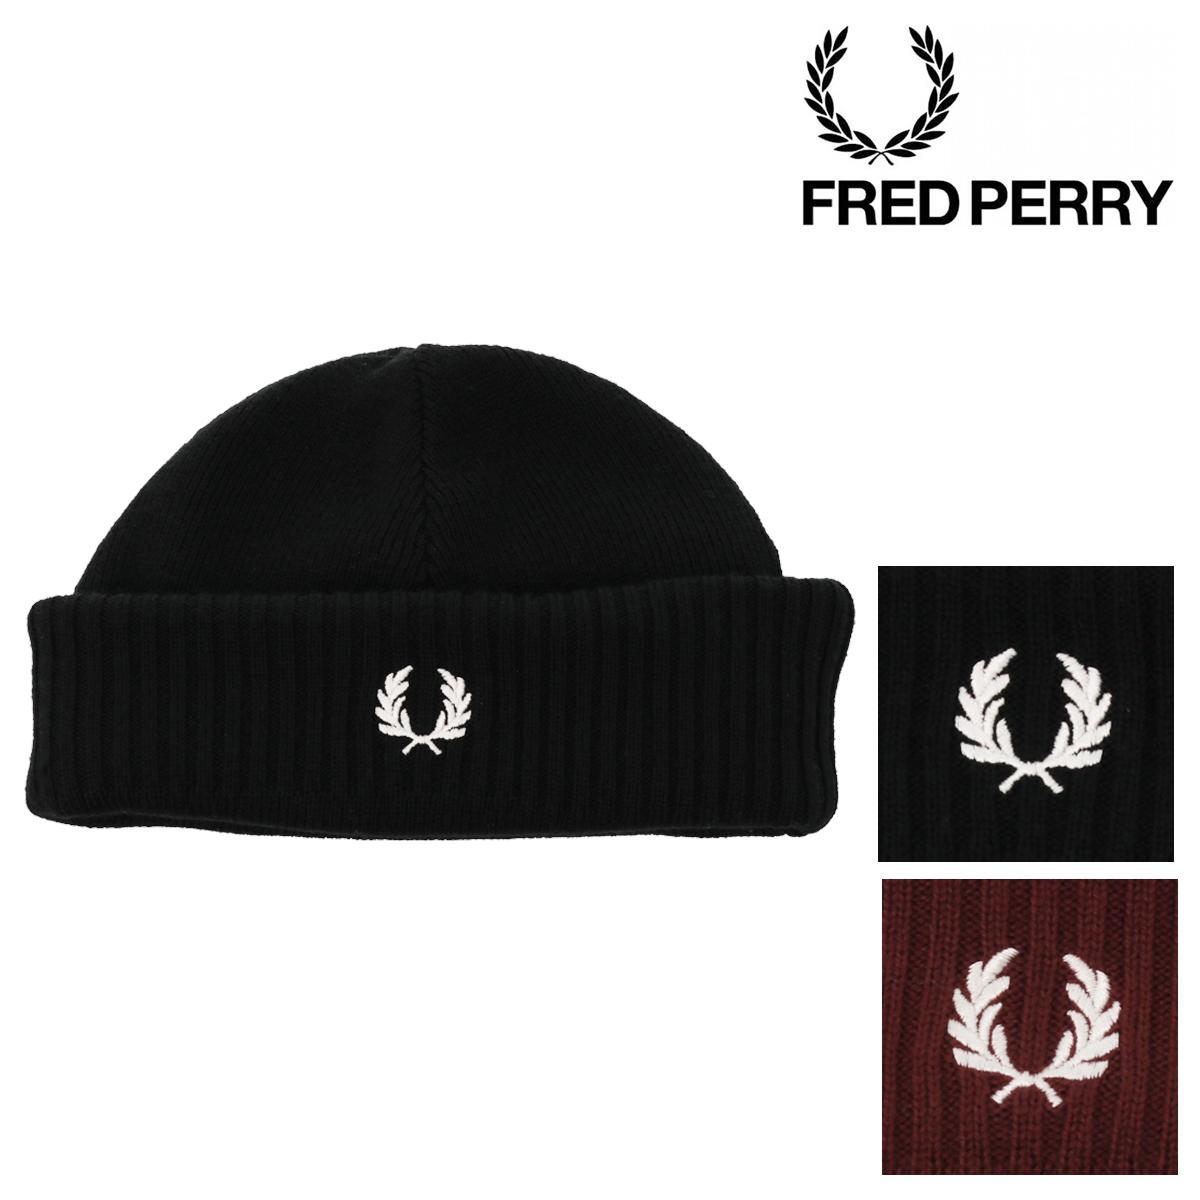 フレッドペリー ニット帽 ロールアップビーニー メンズ レディース C7142 FRED PERRY | 帽子 ビーニー ニットキャップ[即日発送]